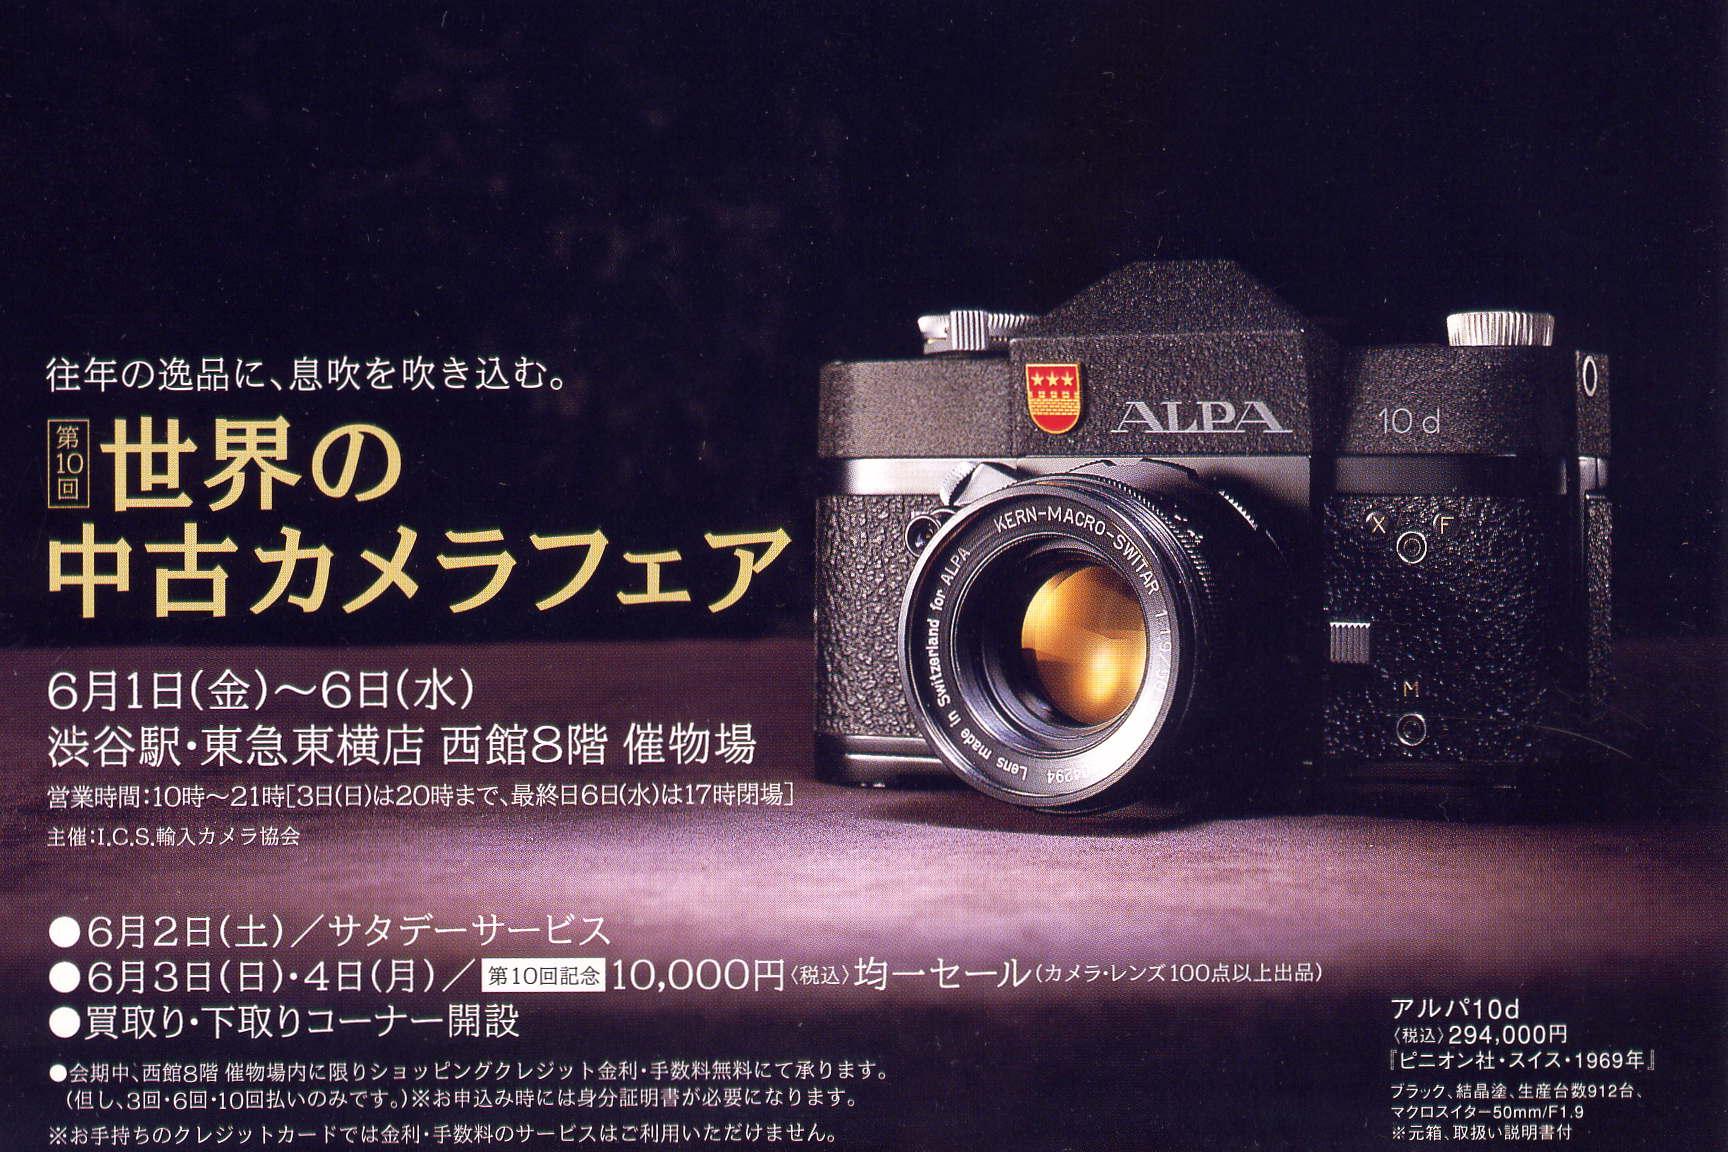 camera fair 0706